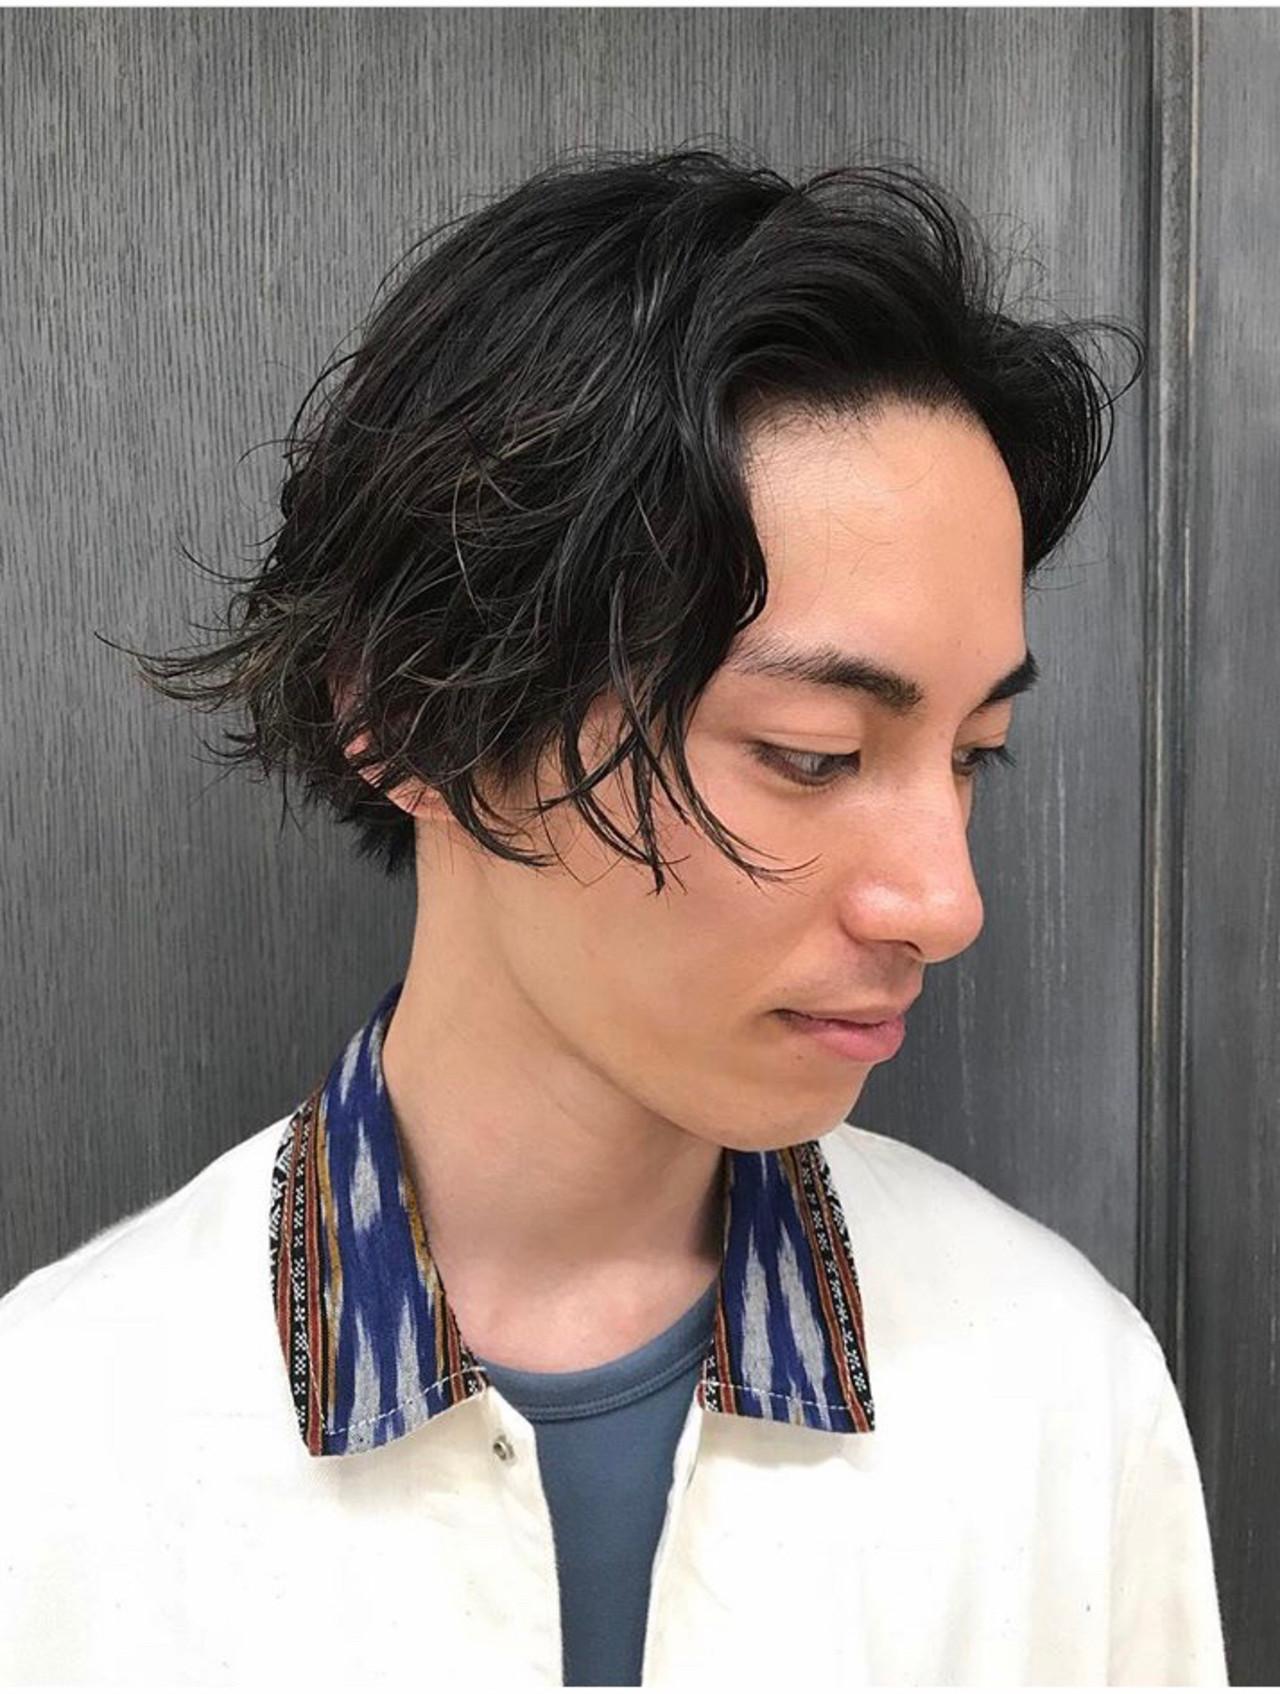 メンズカジュアル メンズパーマ ミディアム ストリート ヘアスタイルや髪型の写真・画像 | 澤江 啓司 / K-two KYOTO